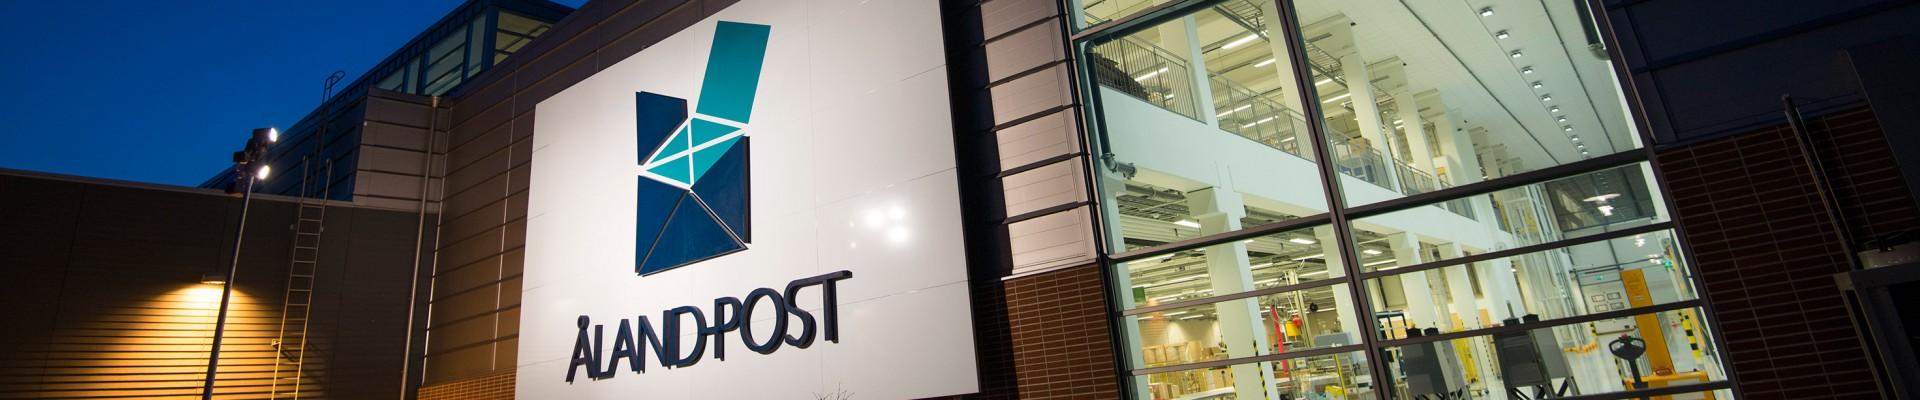 Åland Post skylt vid postterminalen